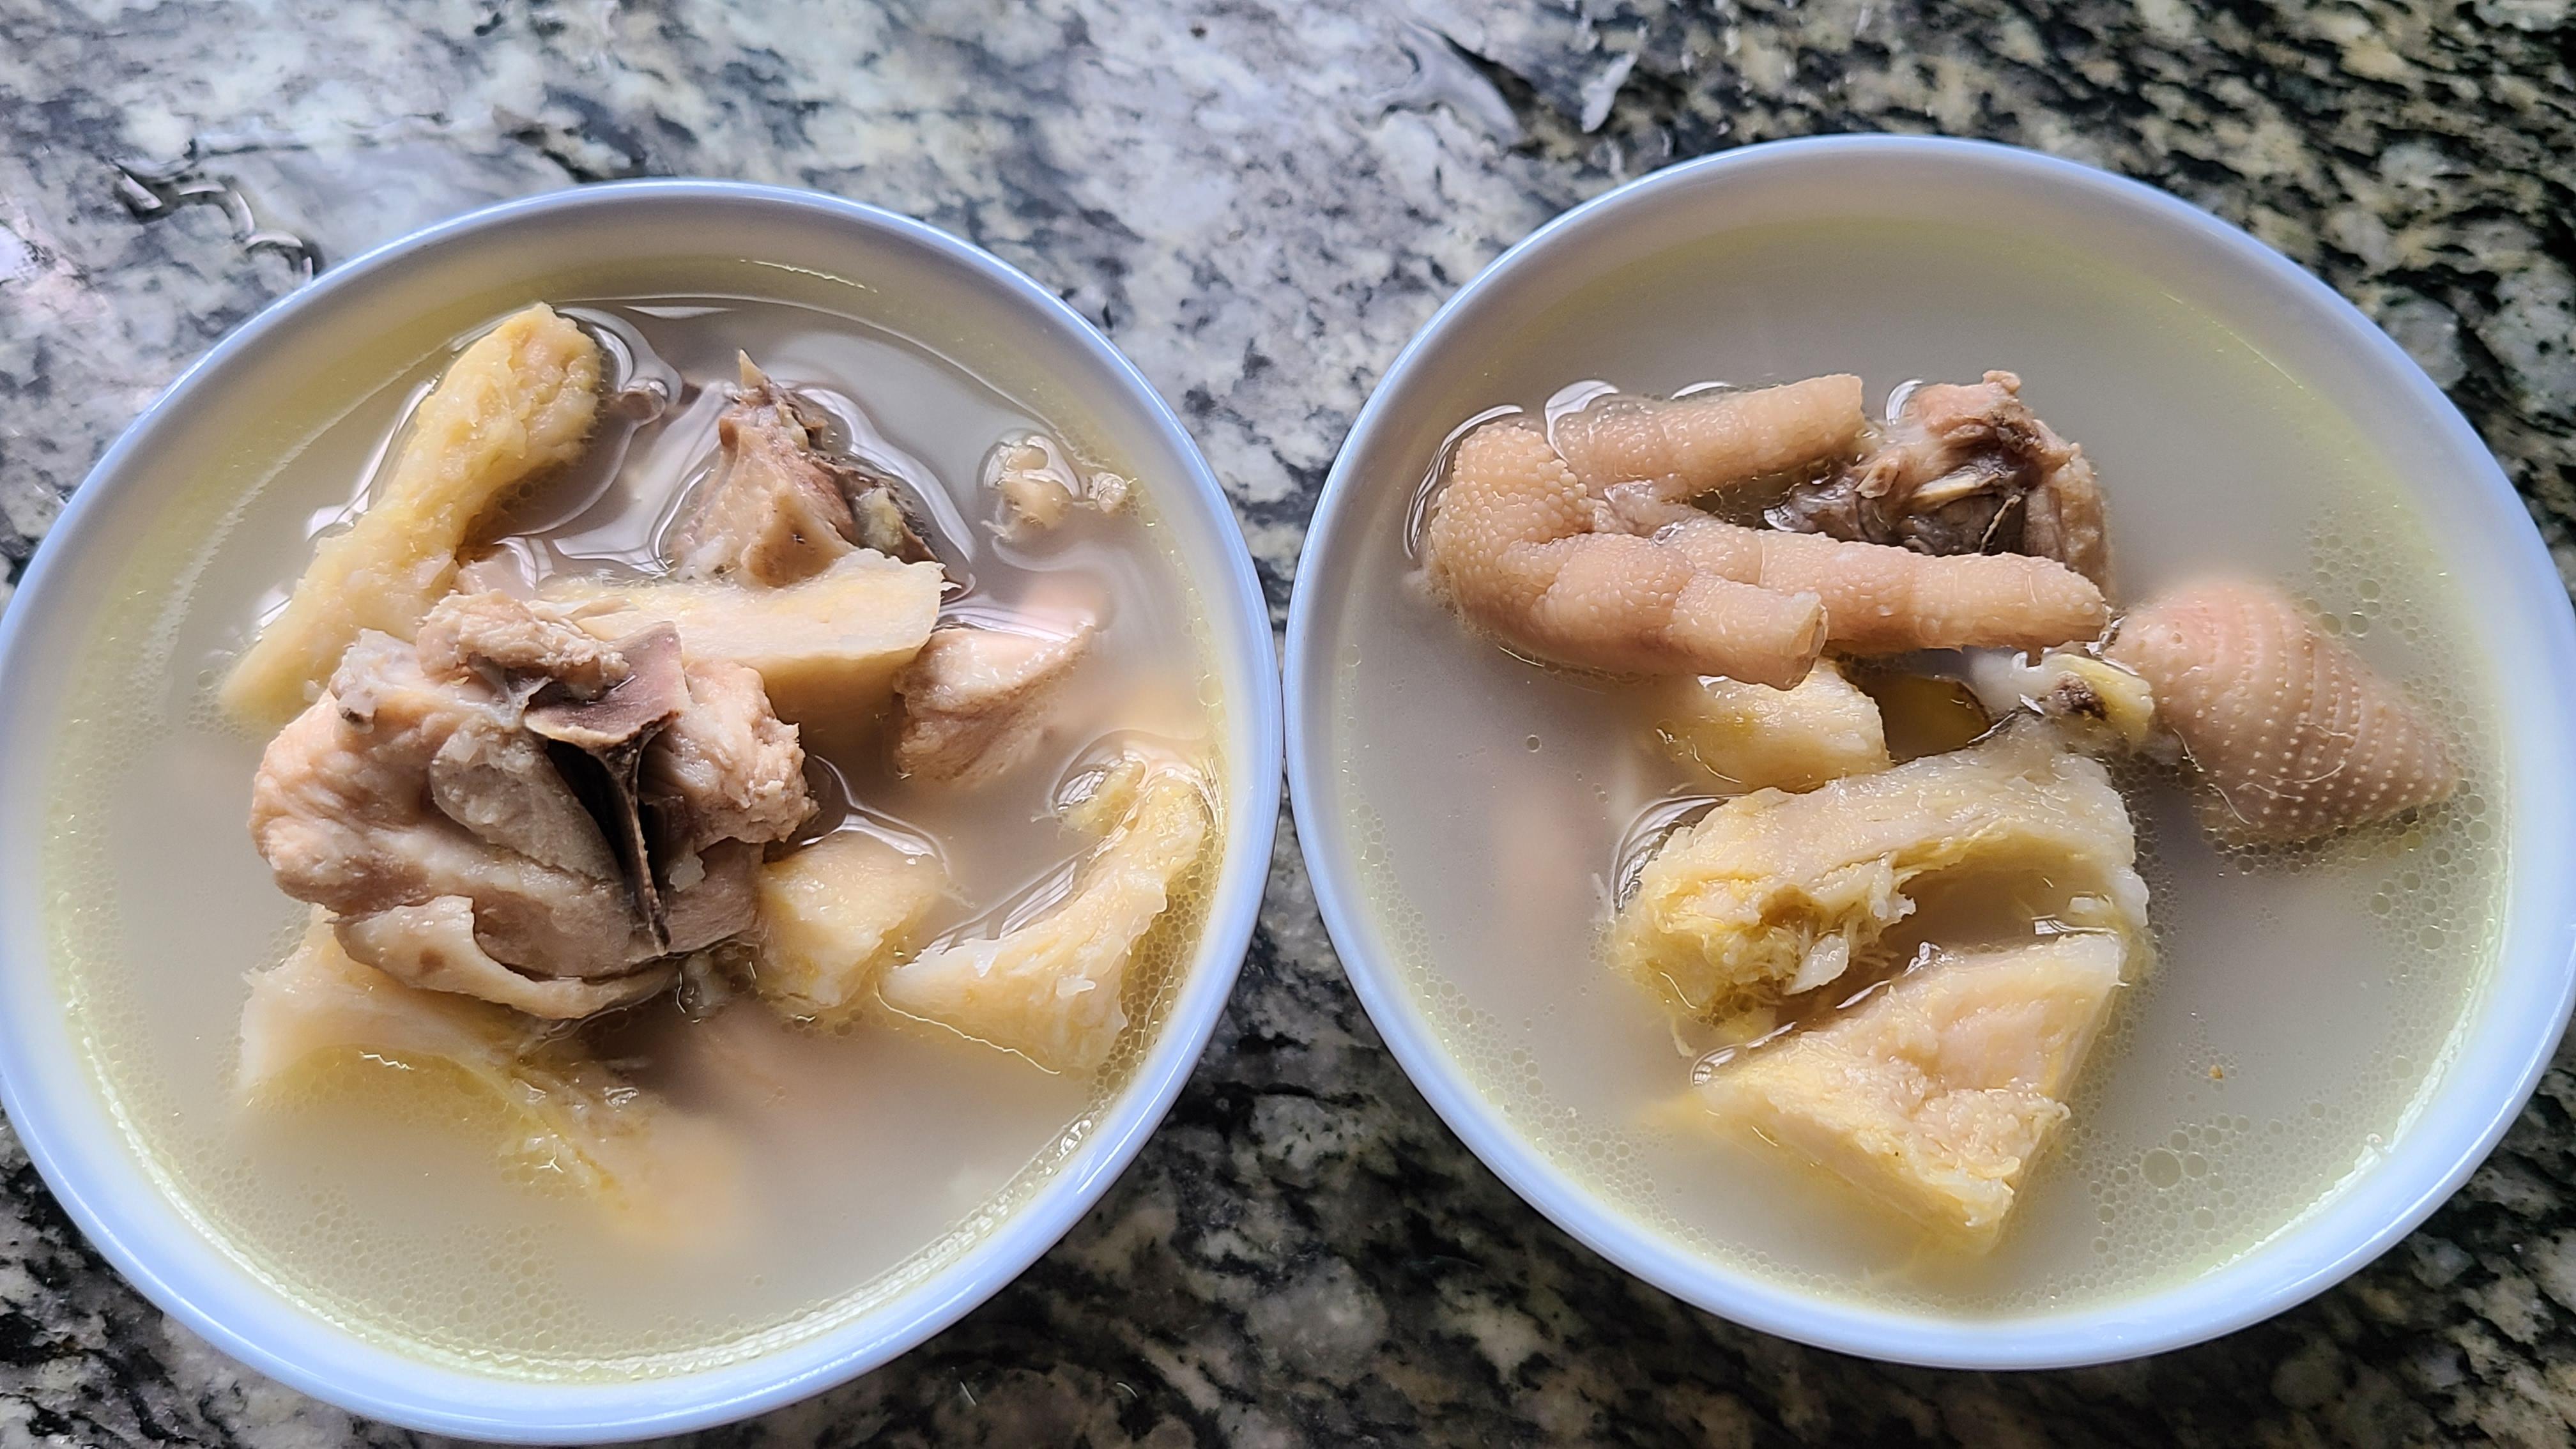 榴莲炖鸡,广东夏天很常见的一道美食,好喝简单,味道特别